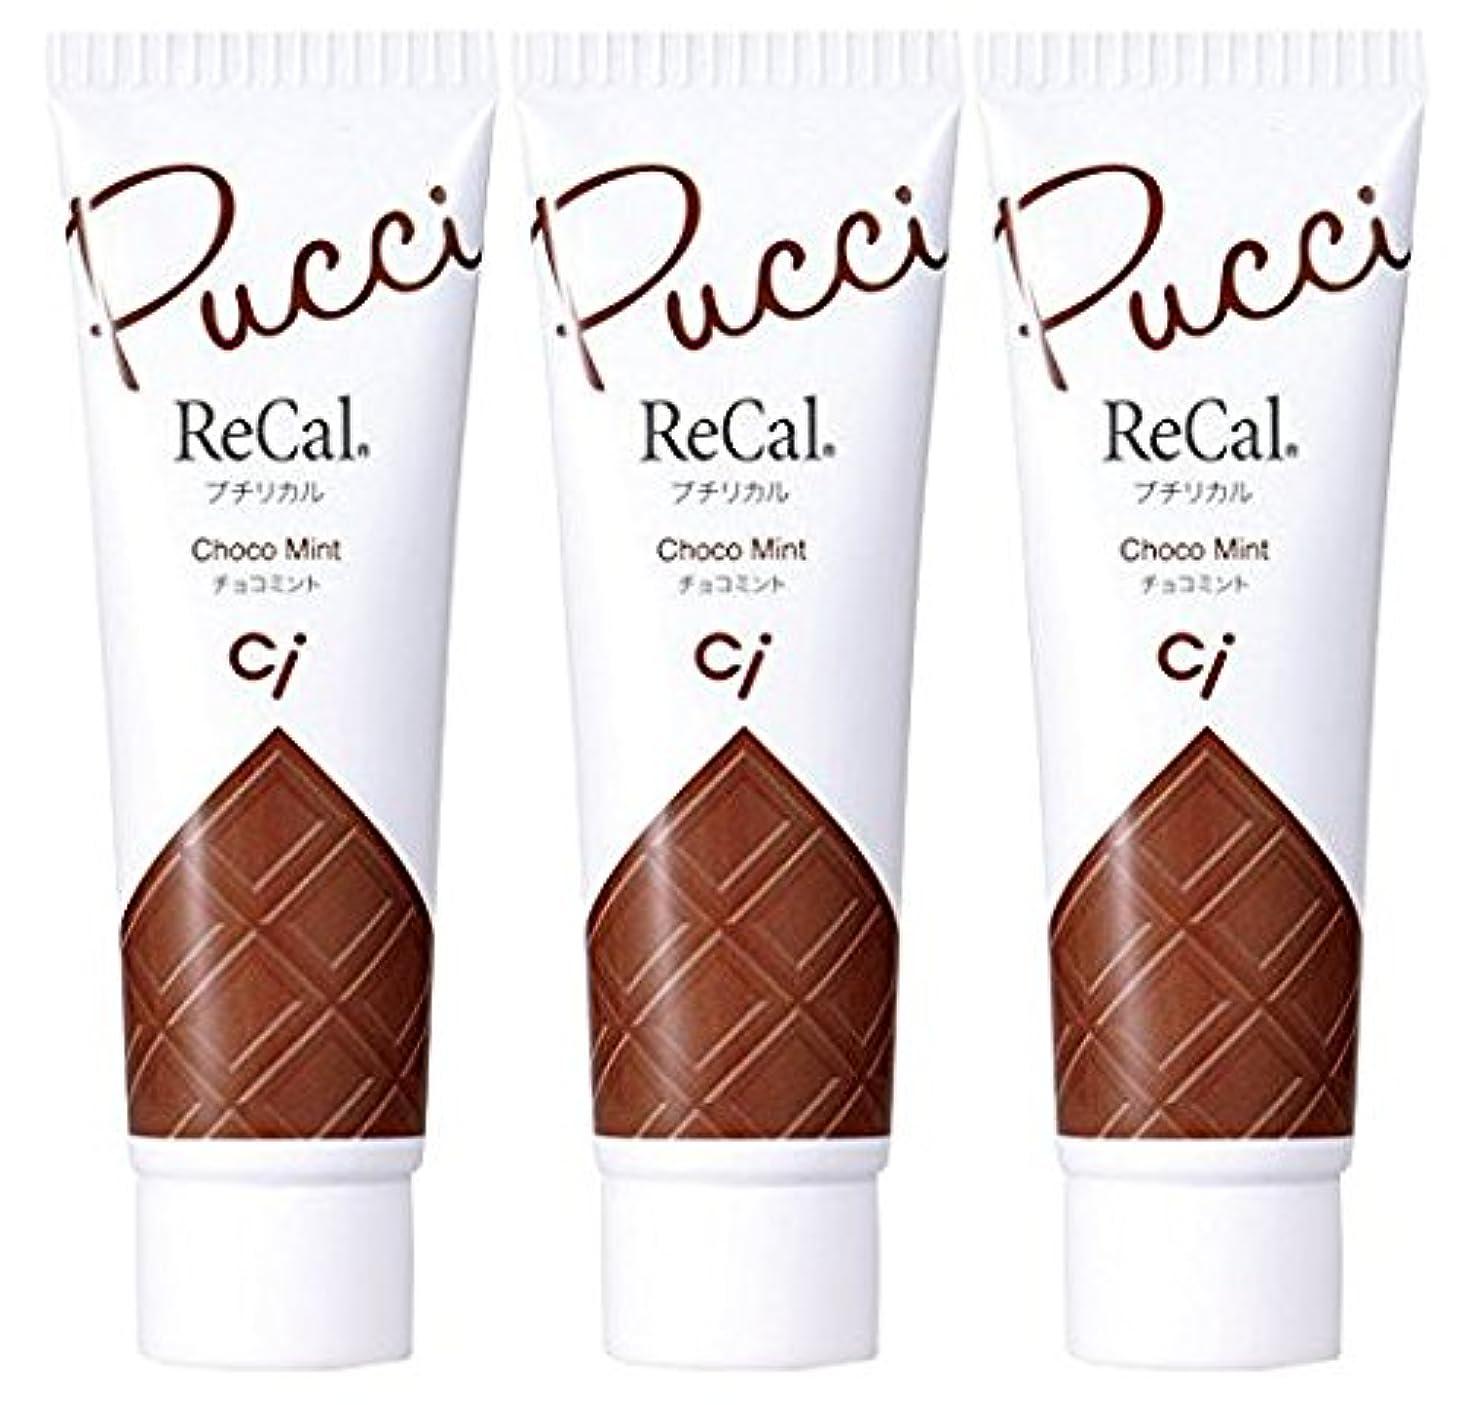 セイはさておき筋冷笑するプチリカル チョコミント 3本